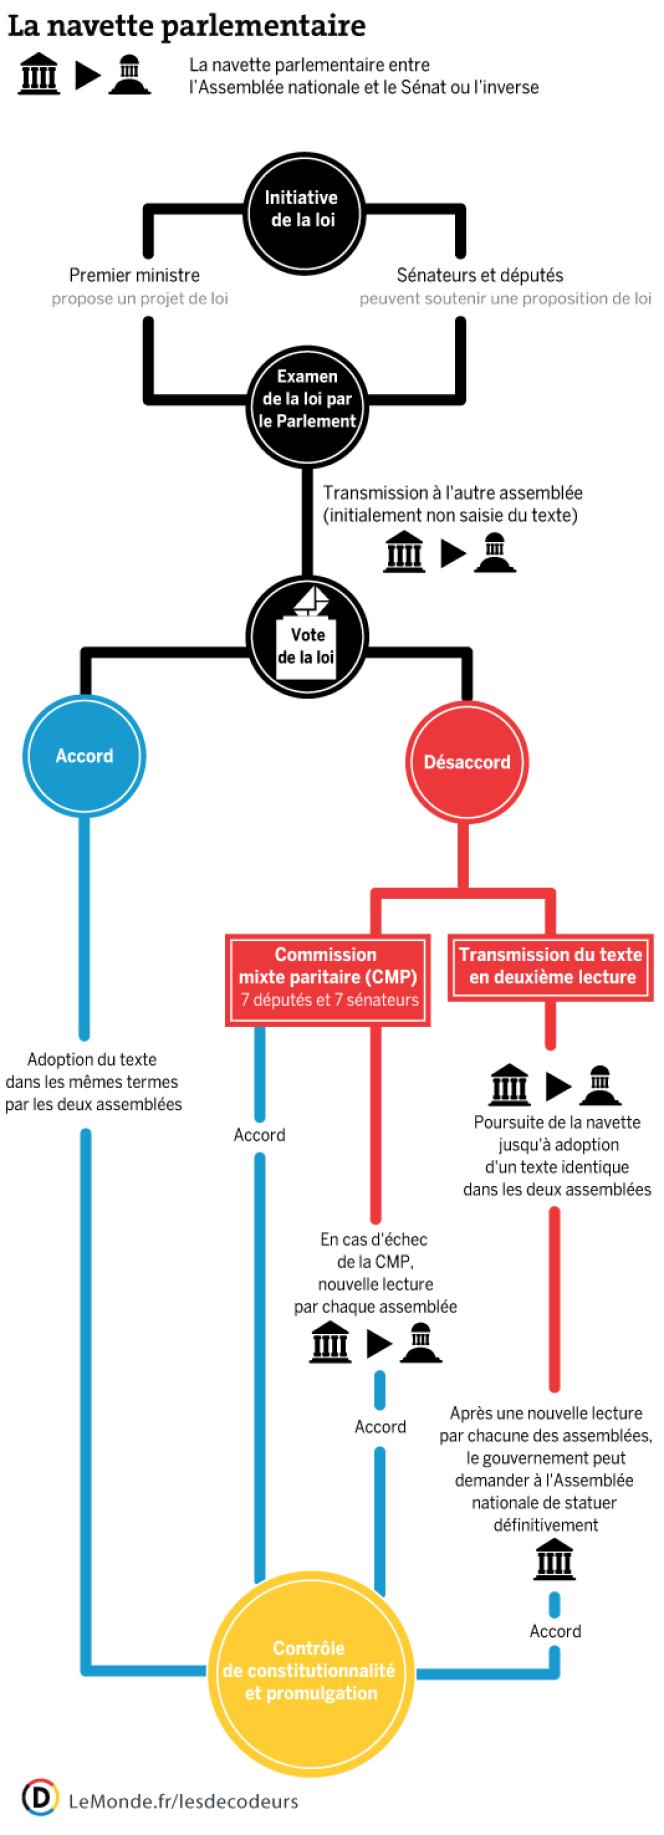 La navette parlementaire classique exige que l'Assemblée nationale et le Sénat votent le texte dans les mêmes termes. En cas de désaccord, le gouvernement peut contourner le Sénat.